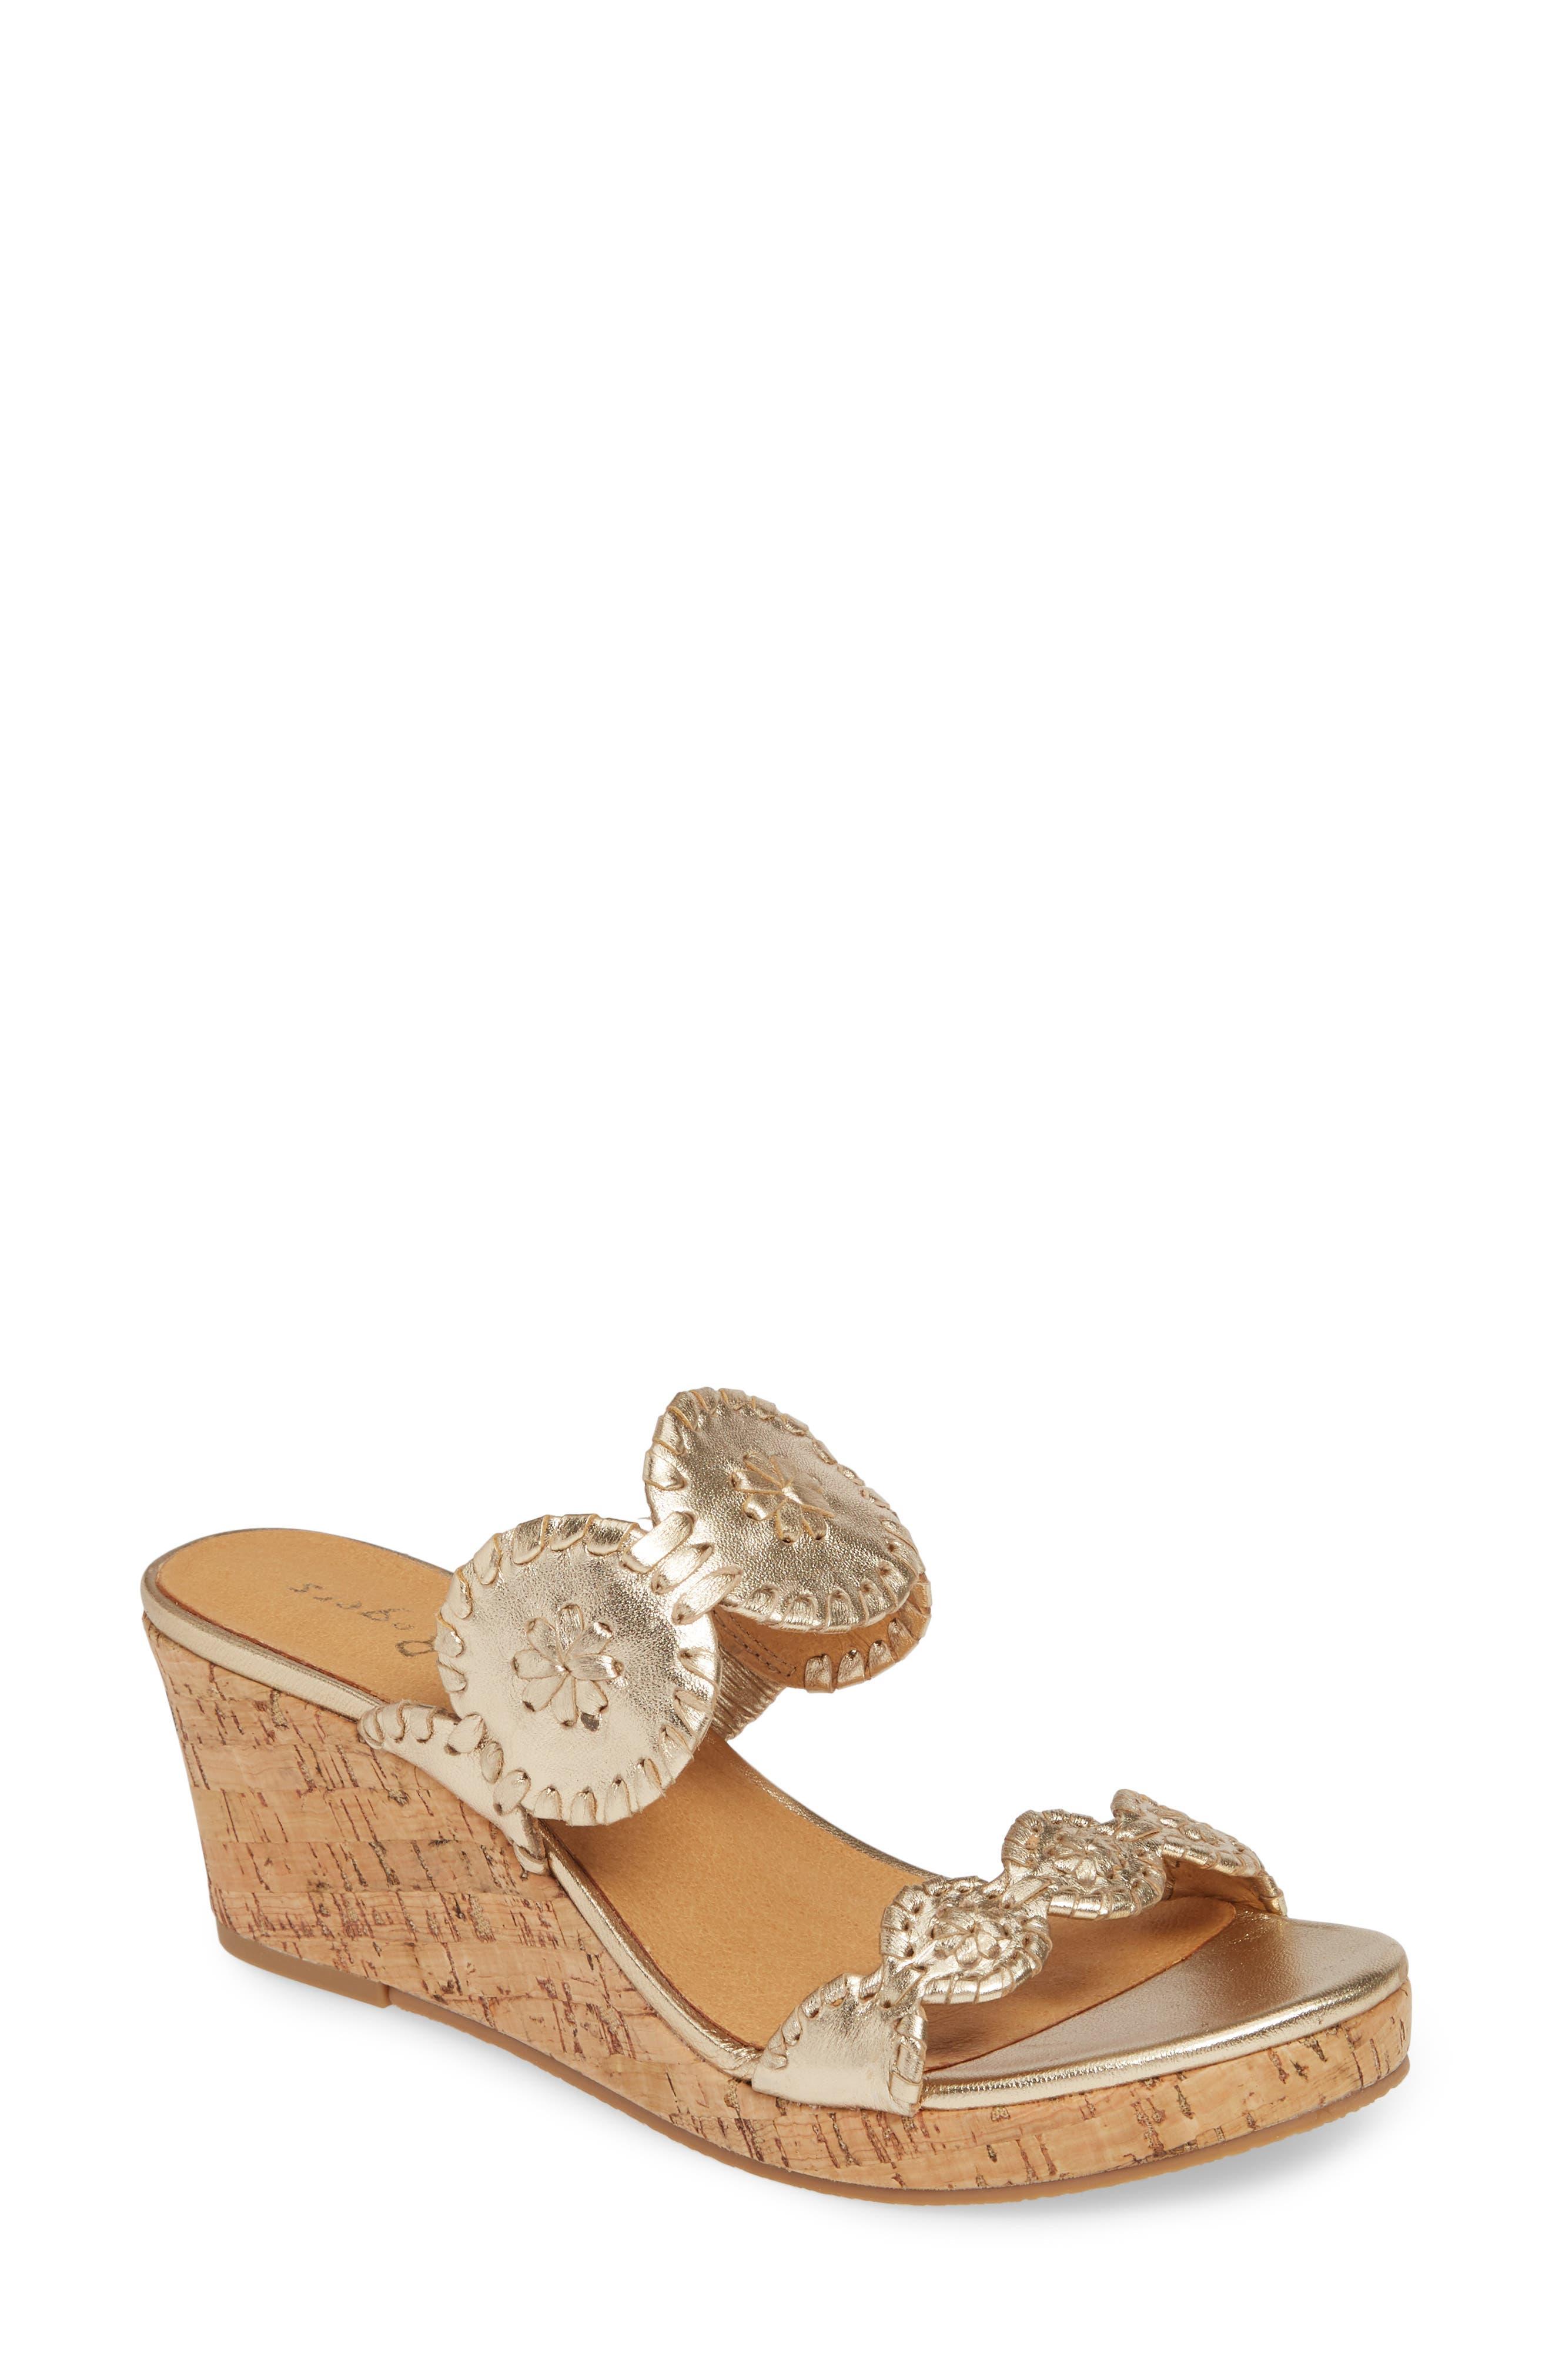 Lauren Wedge Slide Sandal